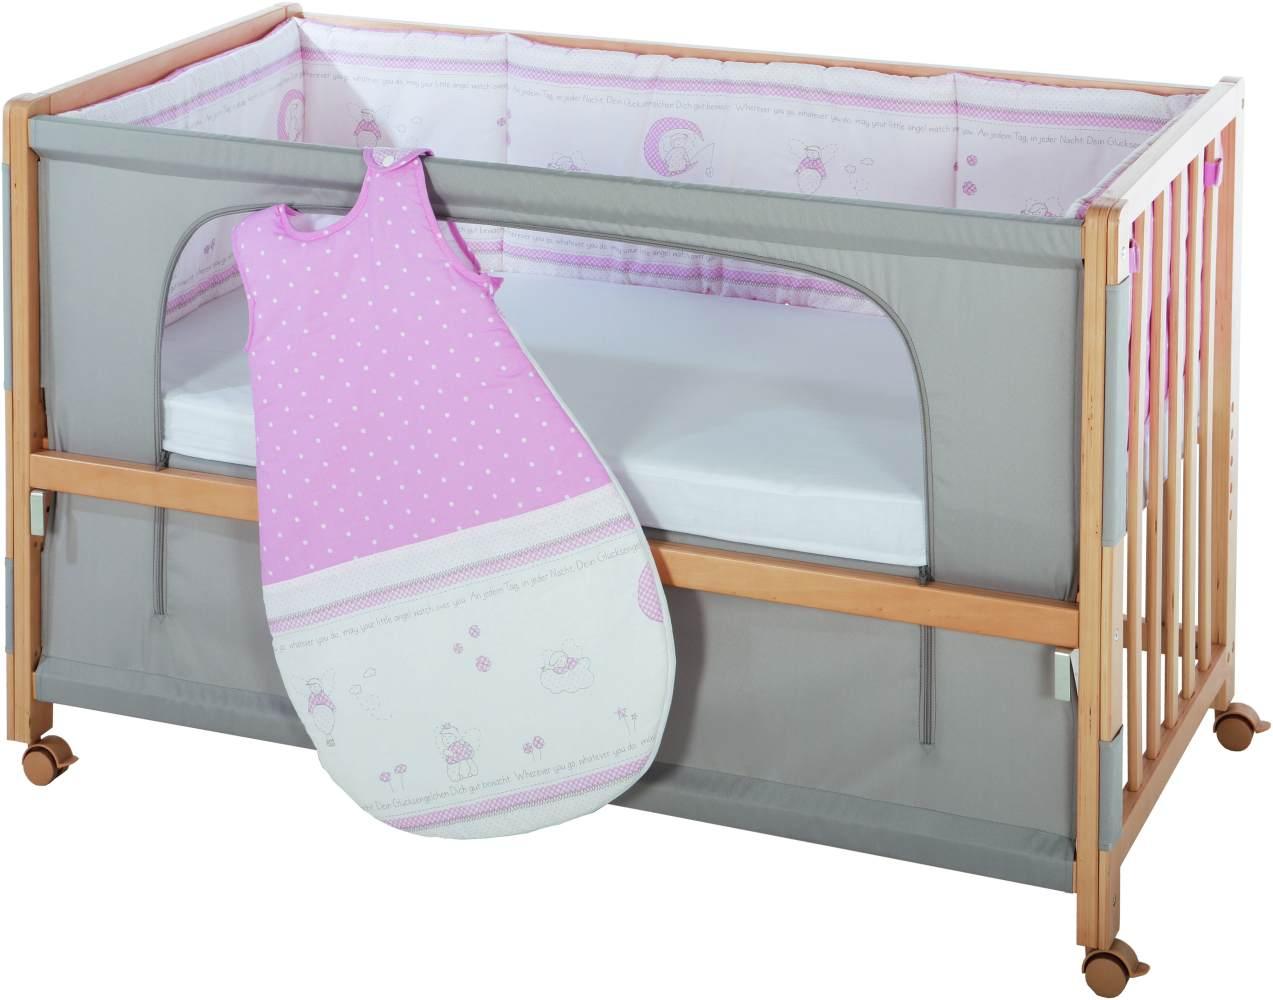 Roba 'Room Bed' Beistellbett natur, inkl. Ausstattung 'Glücksengel' Bild 1